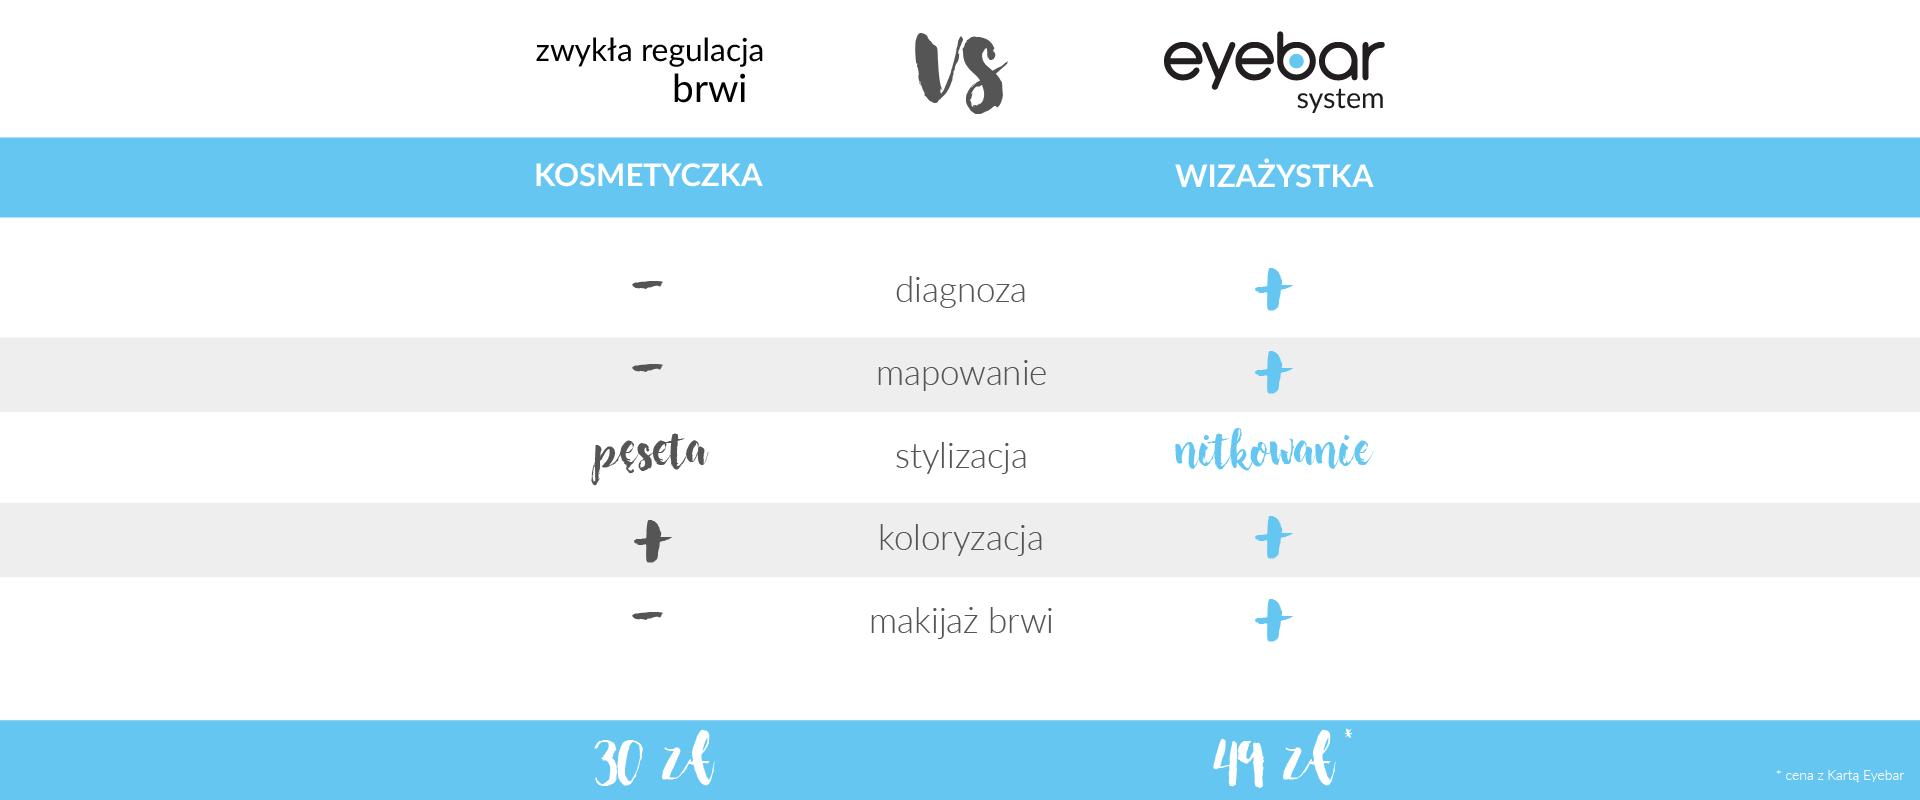 Zwykłą regulacja brwi vs Eyebar System